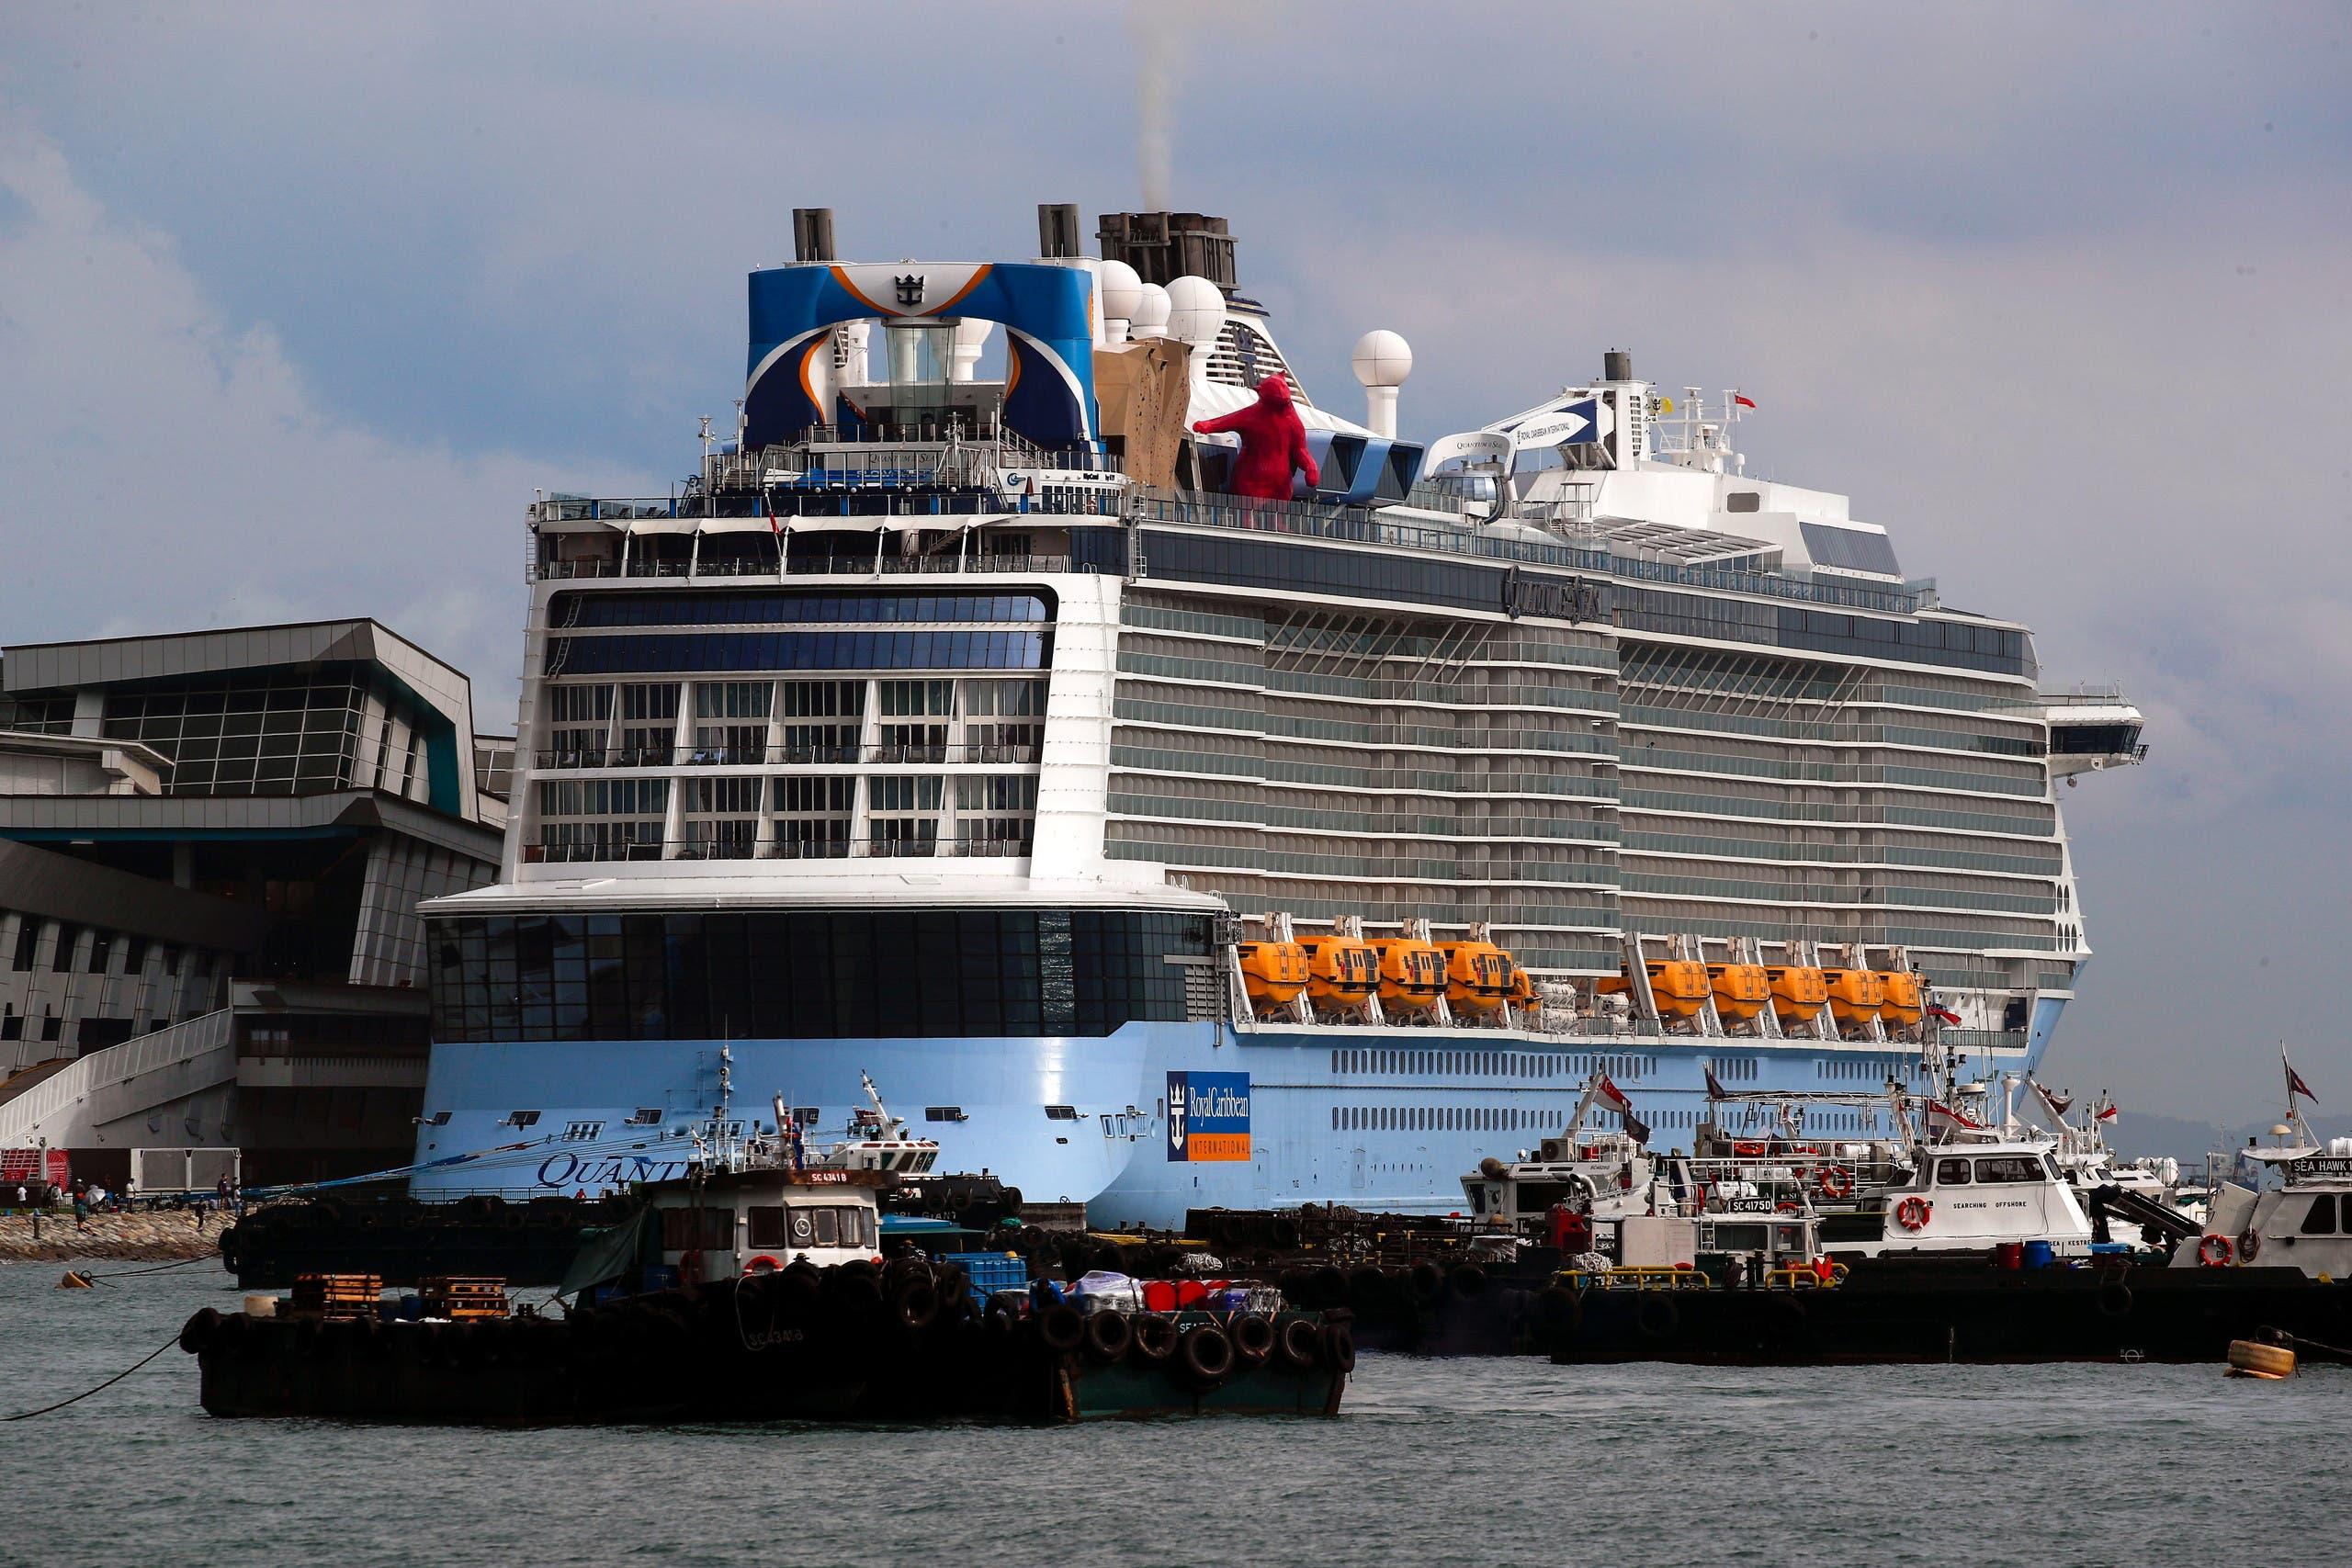 سفينة رويال كاريبيان